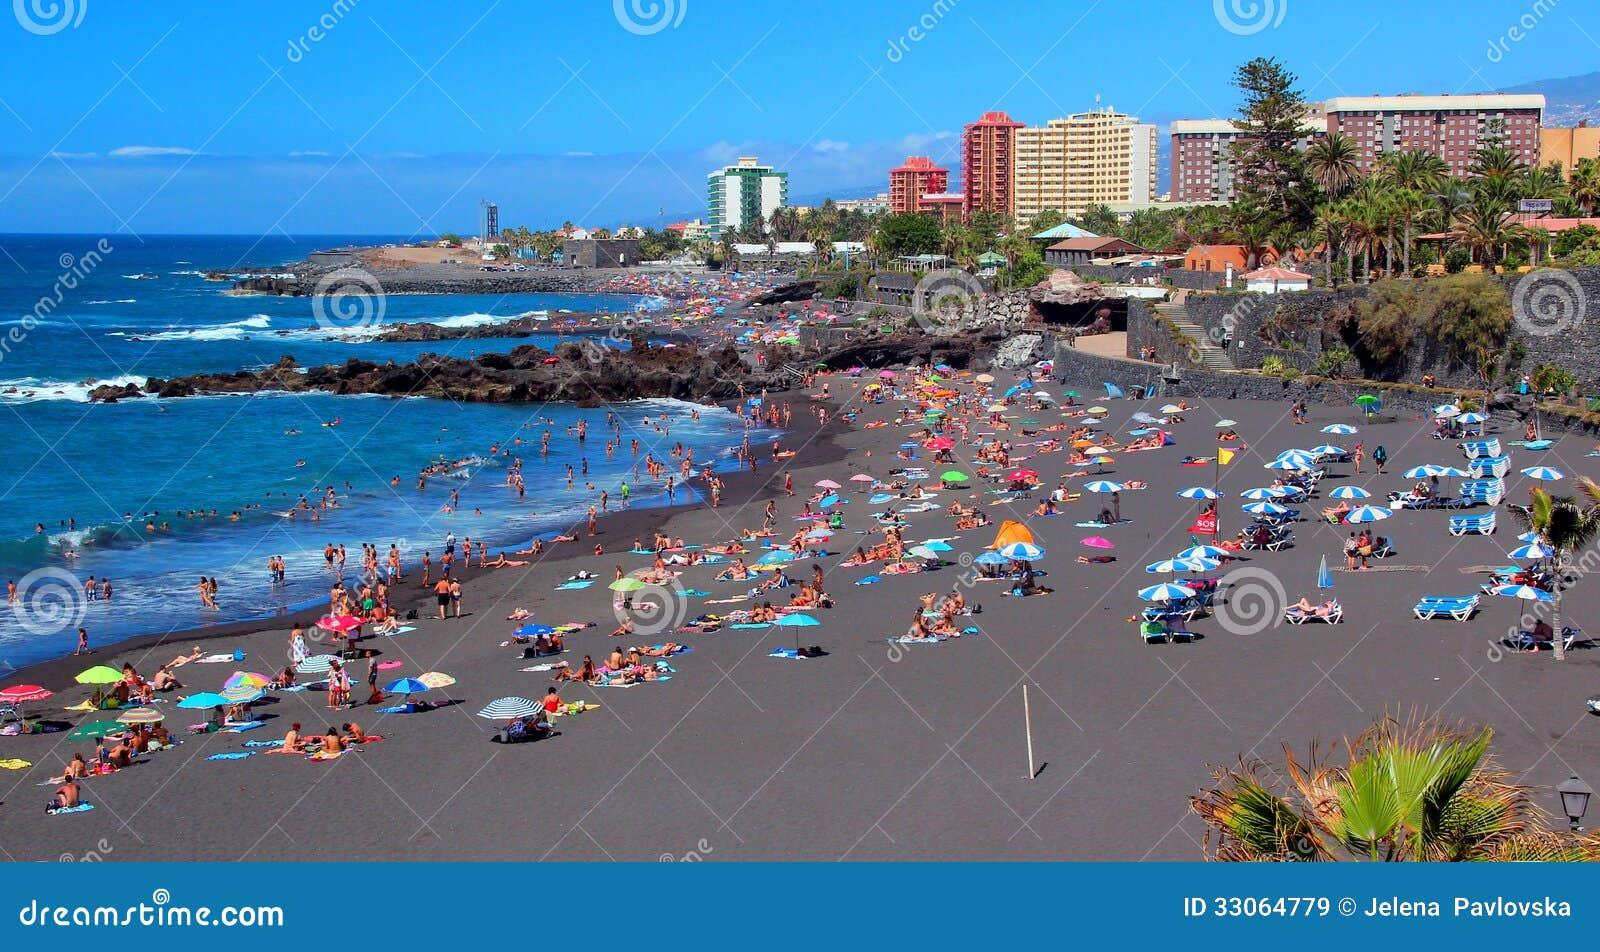 Puerto de la cruz playa jardin tenerife isole delle - Playa jardin puerto de la cruz tenerife ...